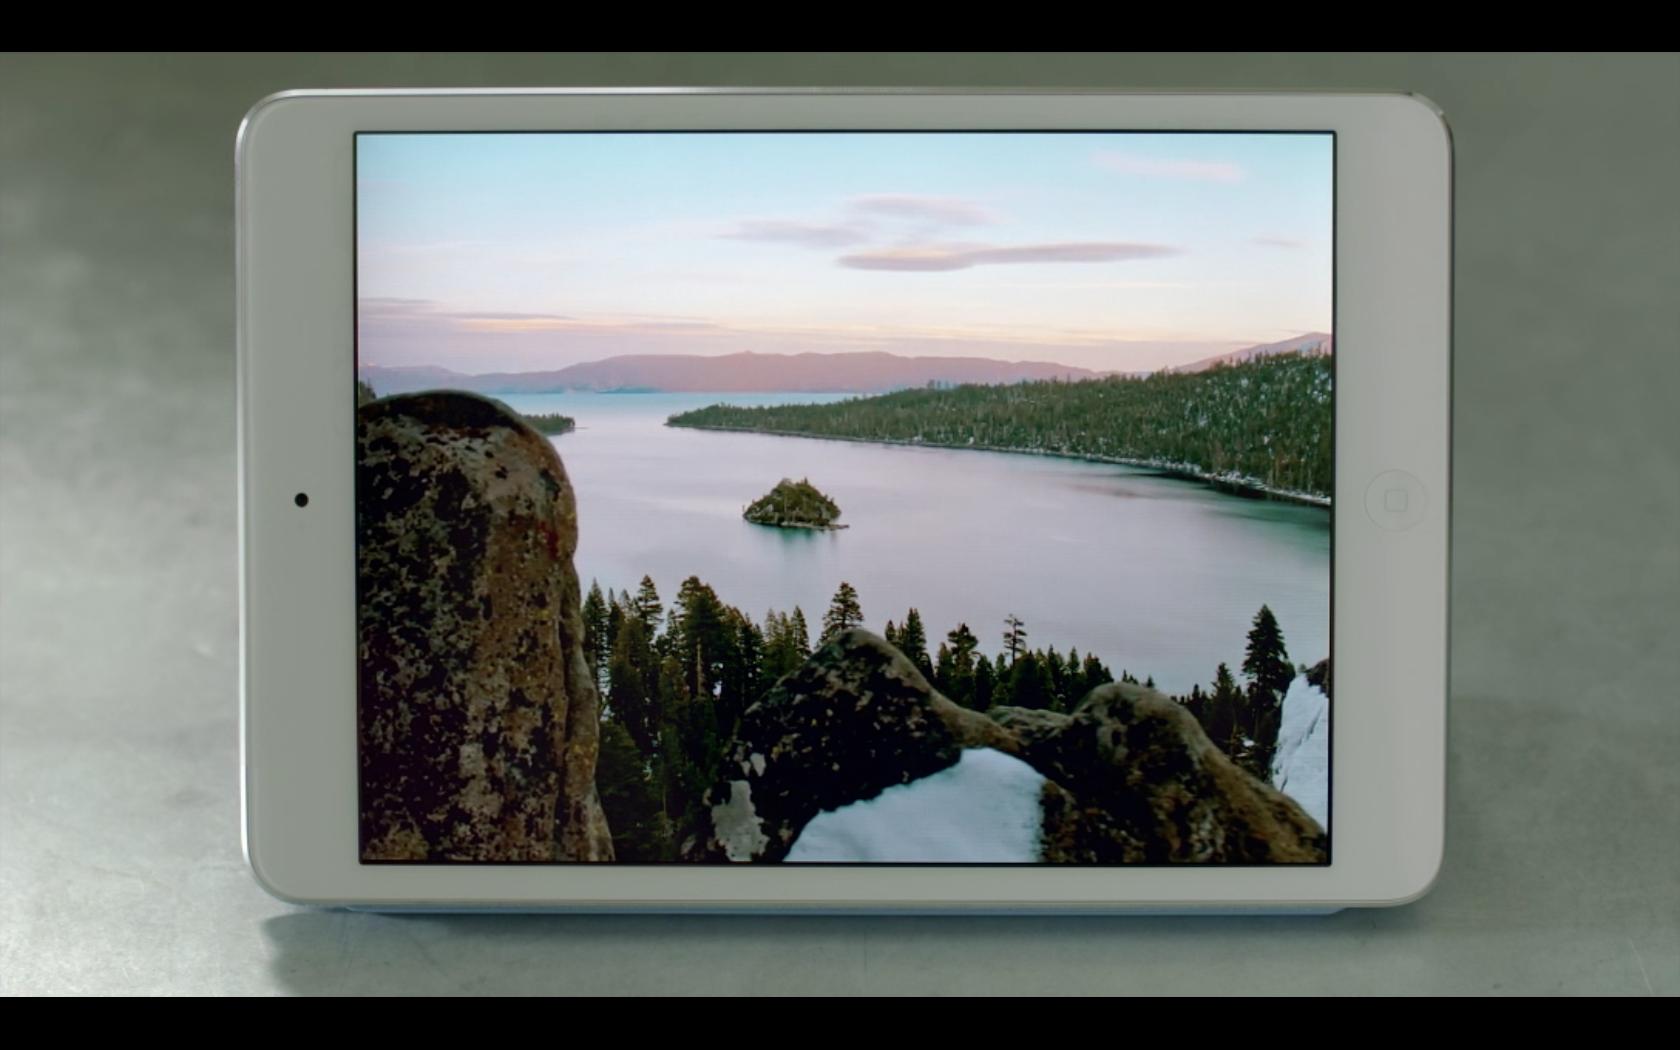 iPad Mini Announced